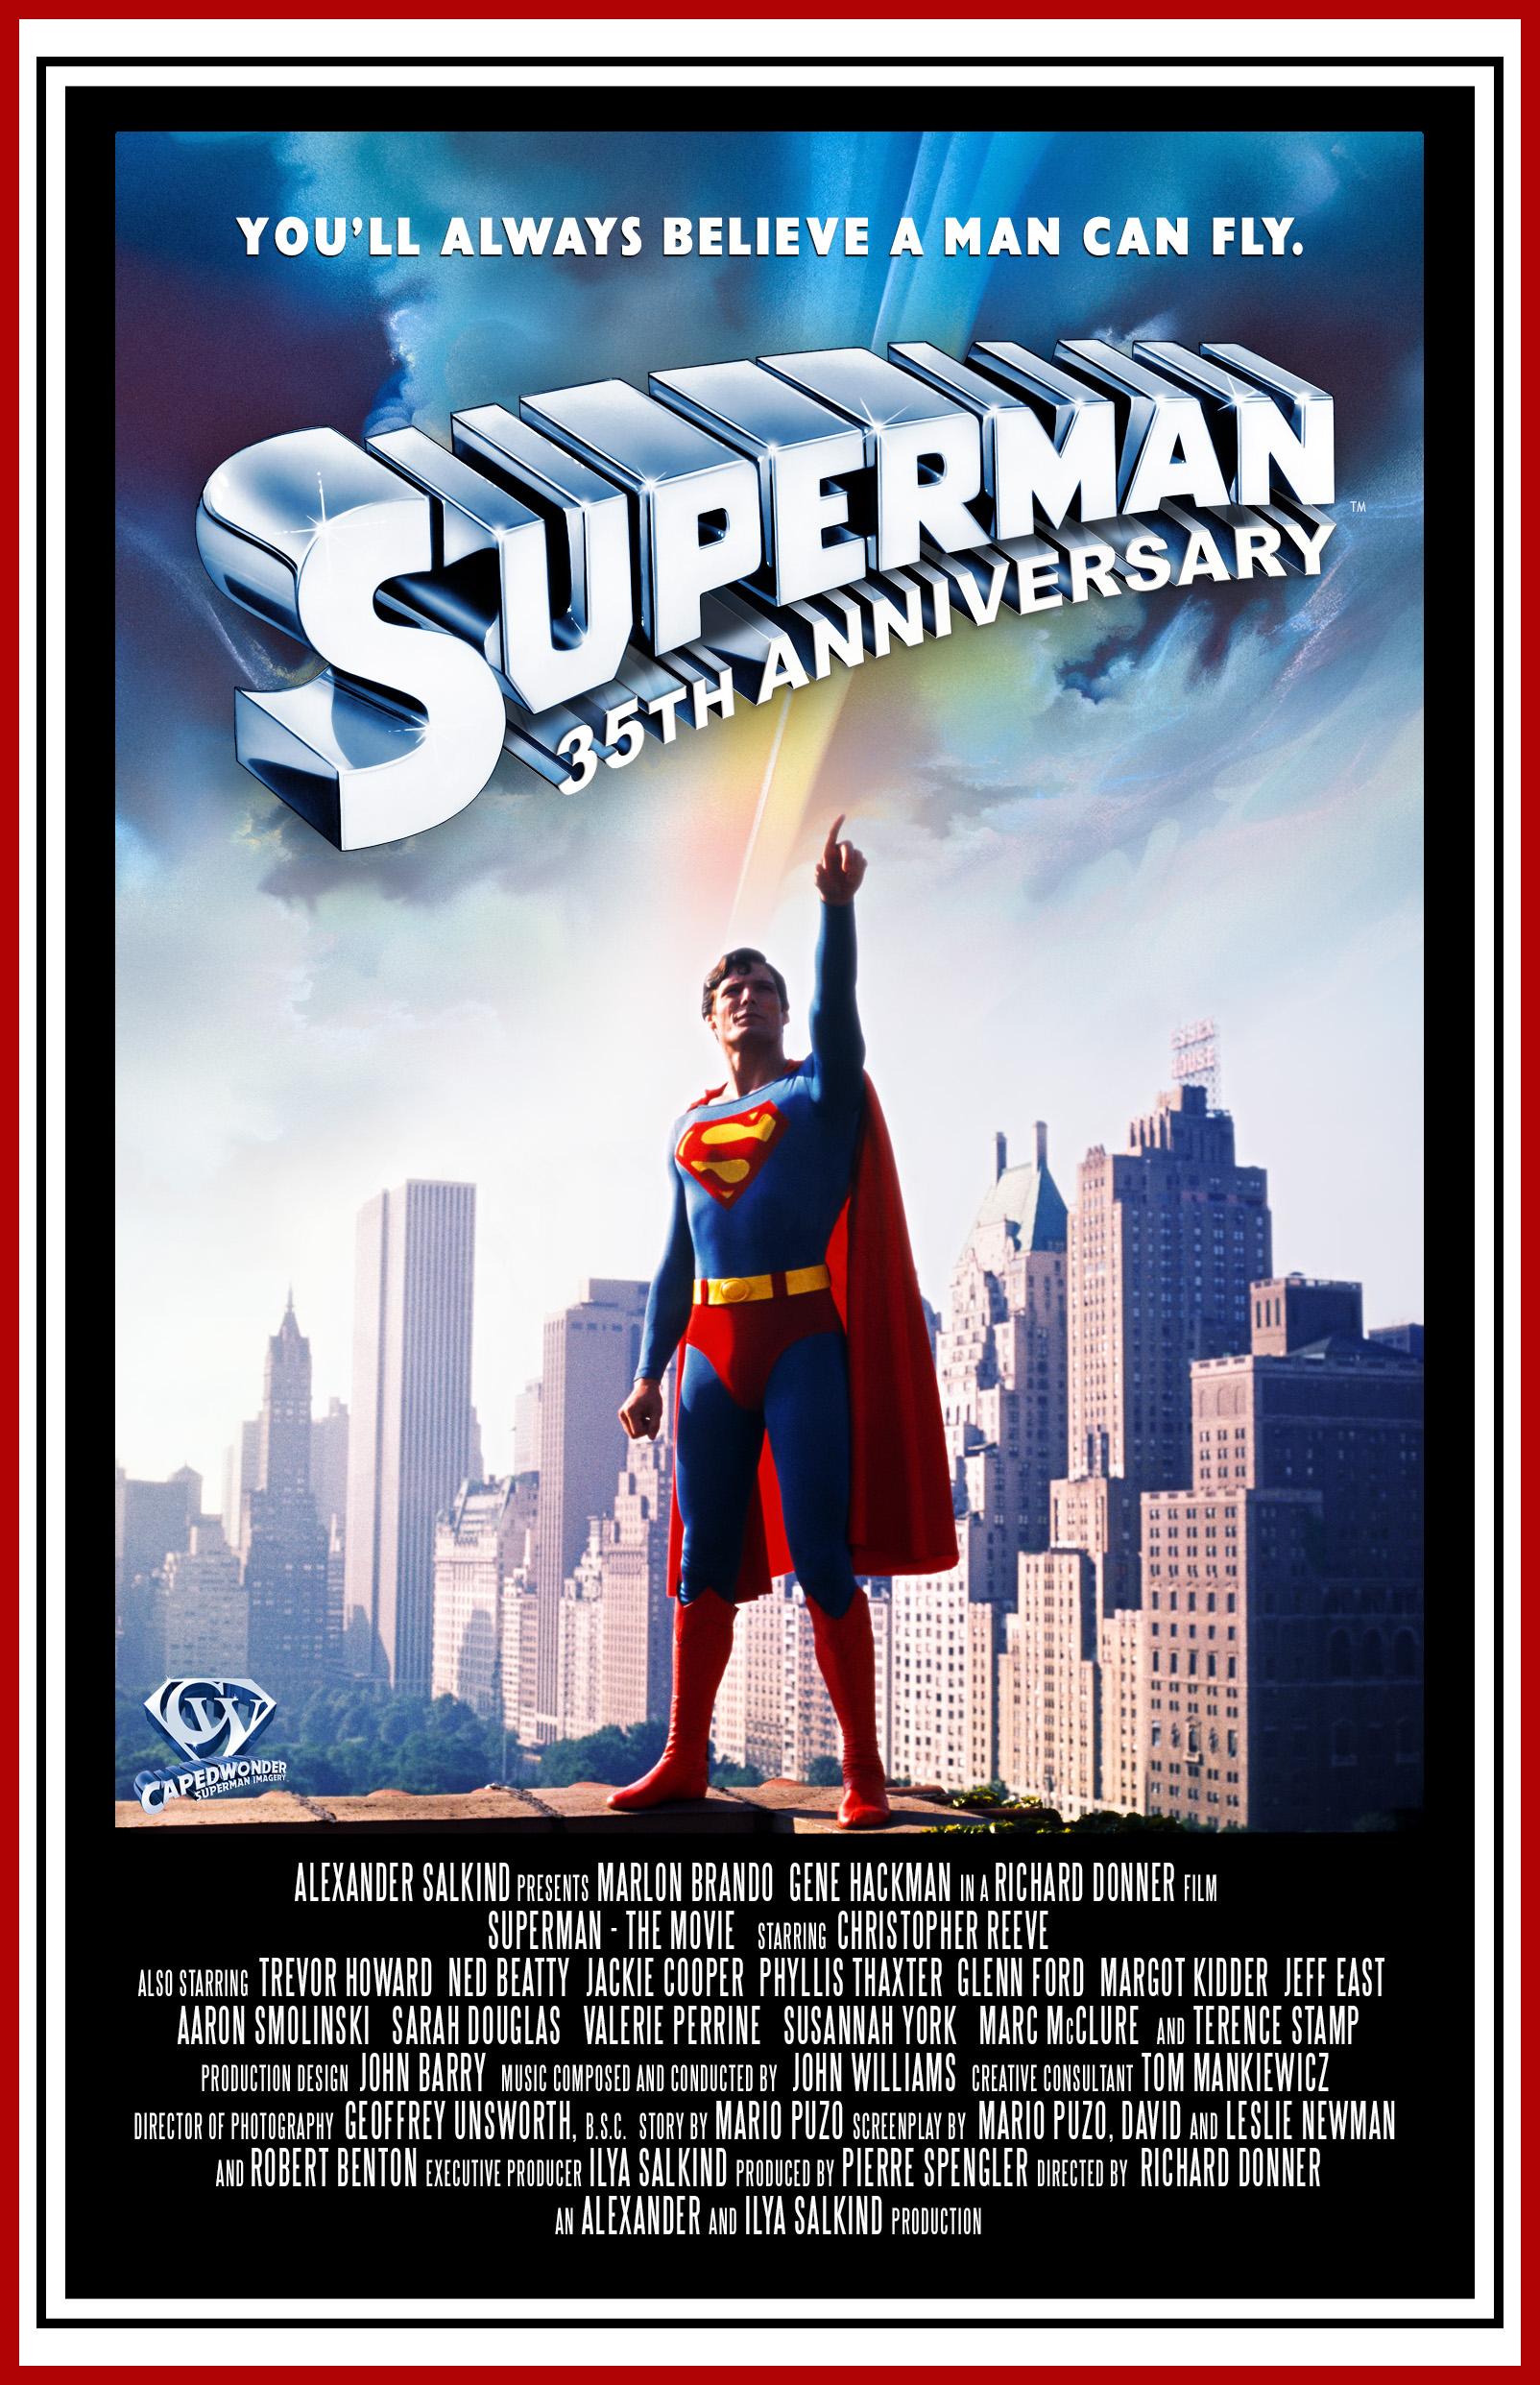 リチャード・ドナー監督のスーパーマンという映画